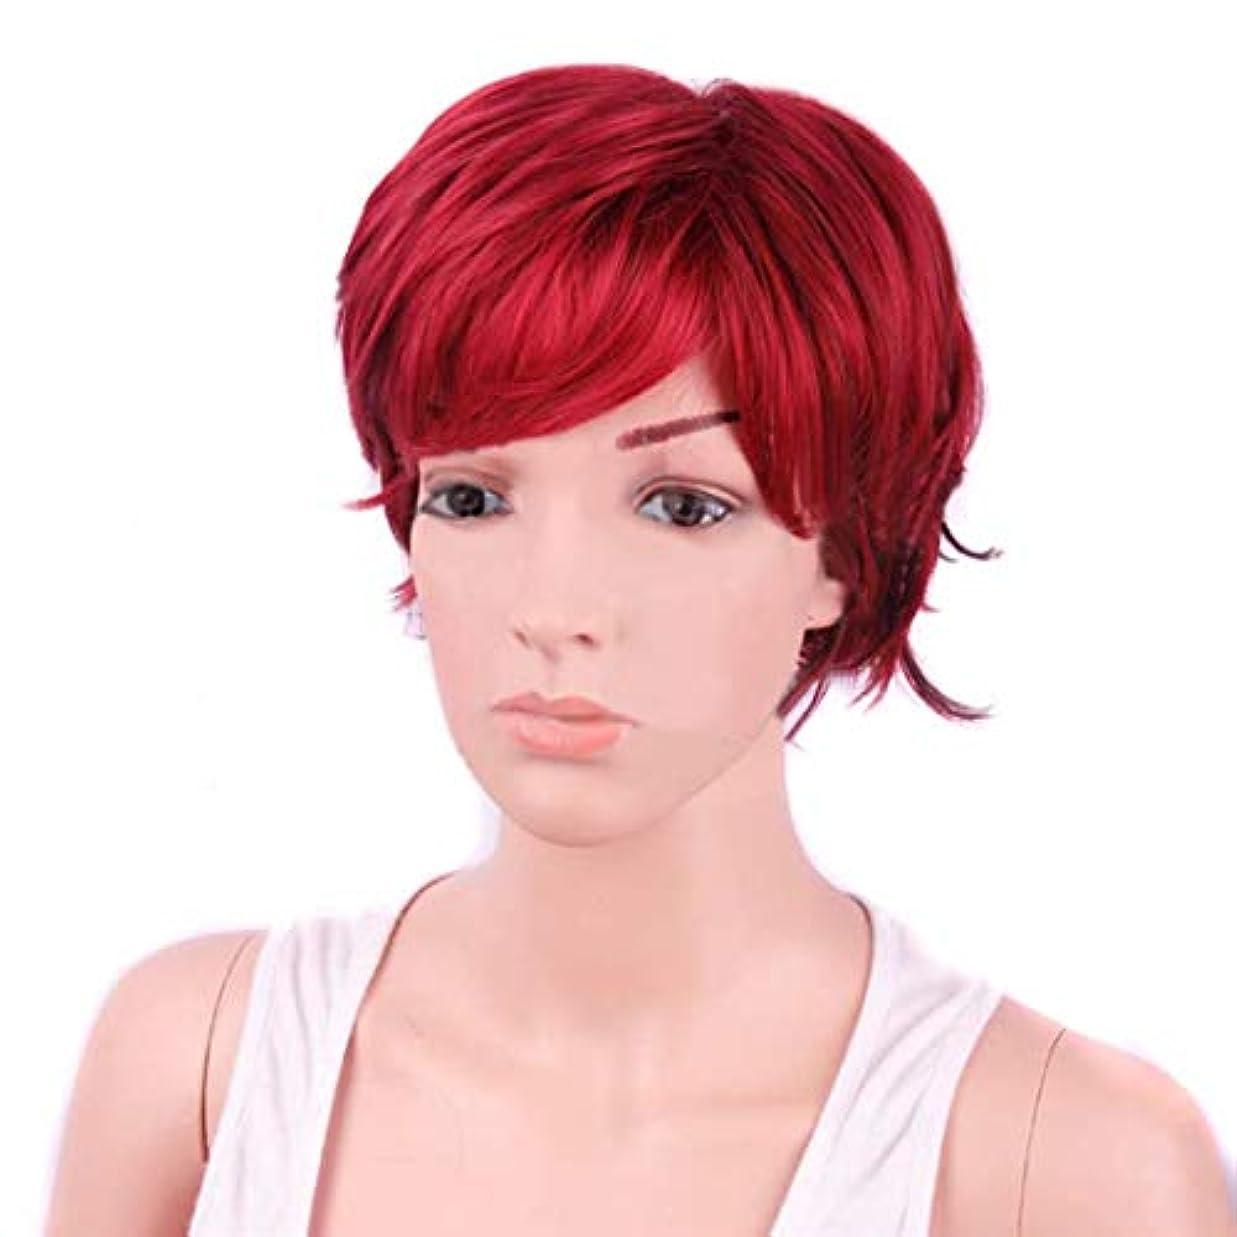 下に重要な誠実さYOUQIU 女性の耐熱ウィッグ12インチ/部分斜め前髪ウィッグウィッグで9inchショートテクスチャ部分かつらのためにボボかつら (色 : ワインレッド)